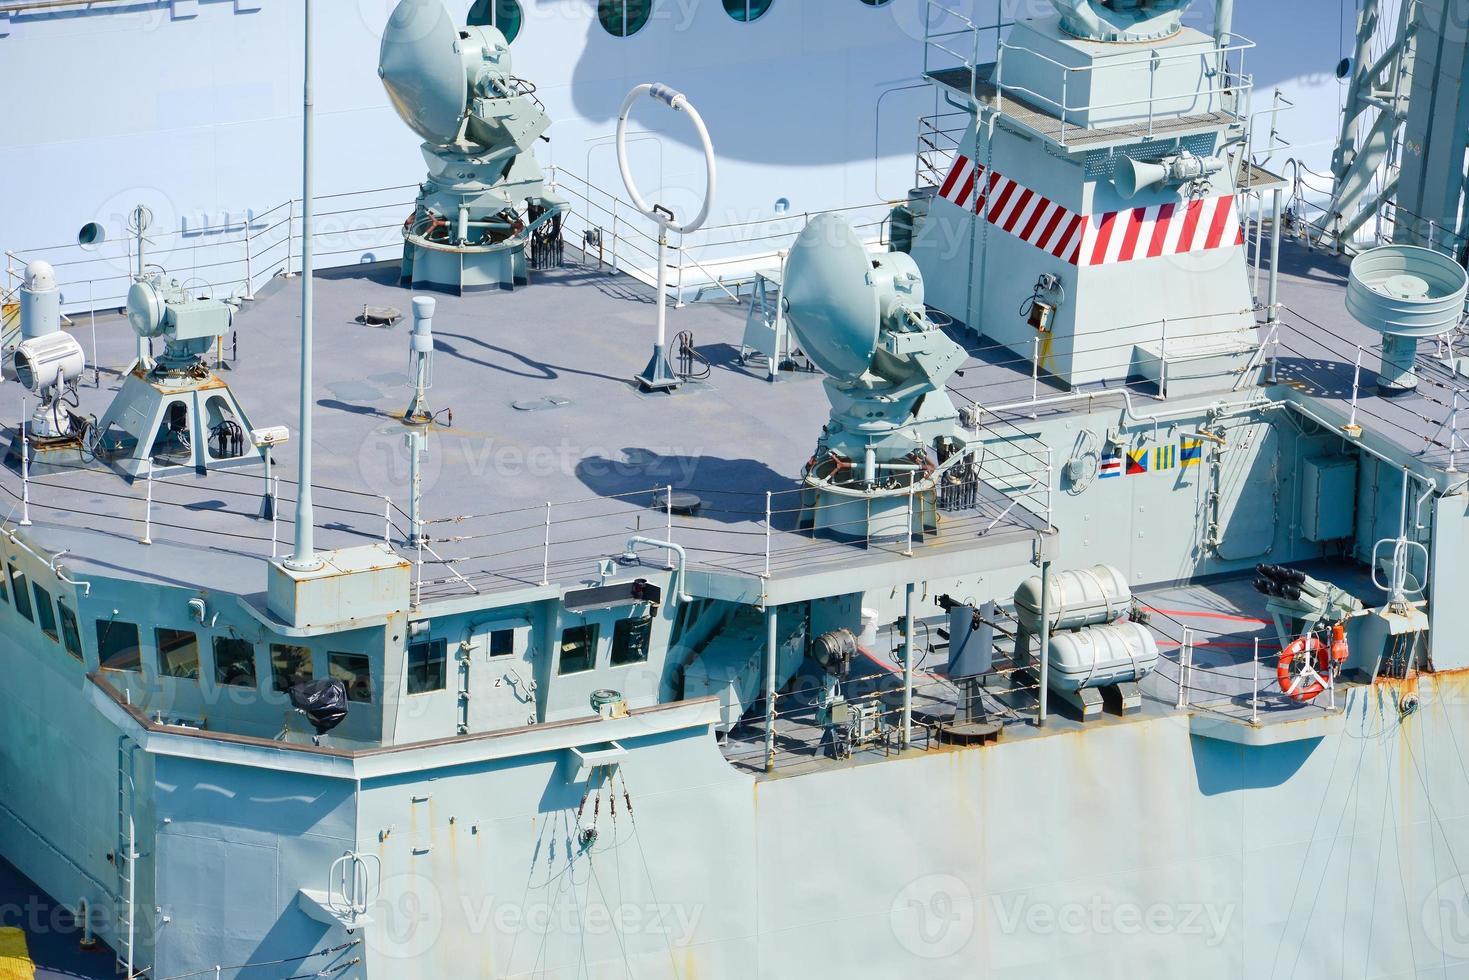 nave militare foto